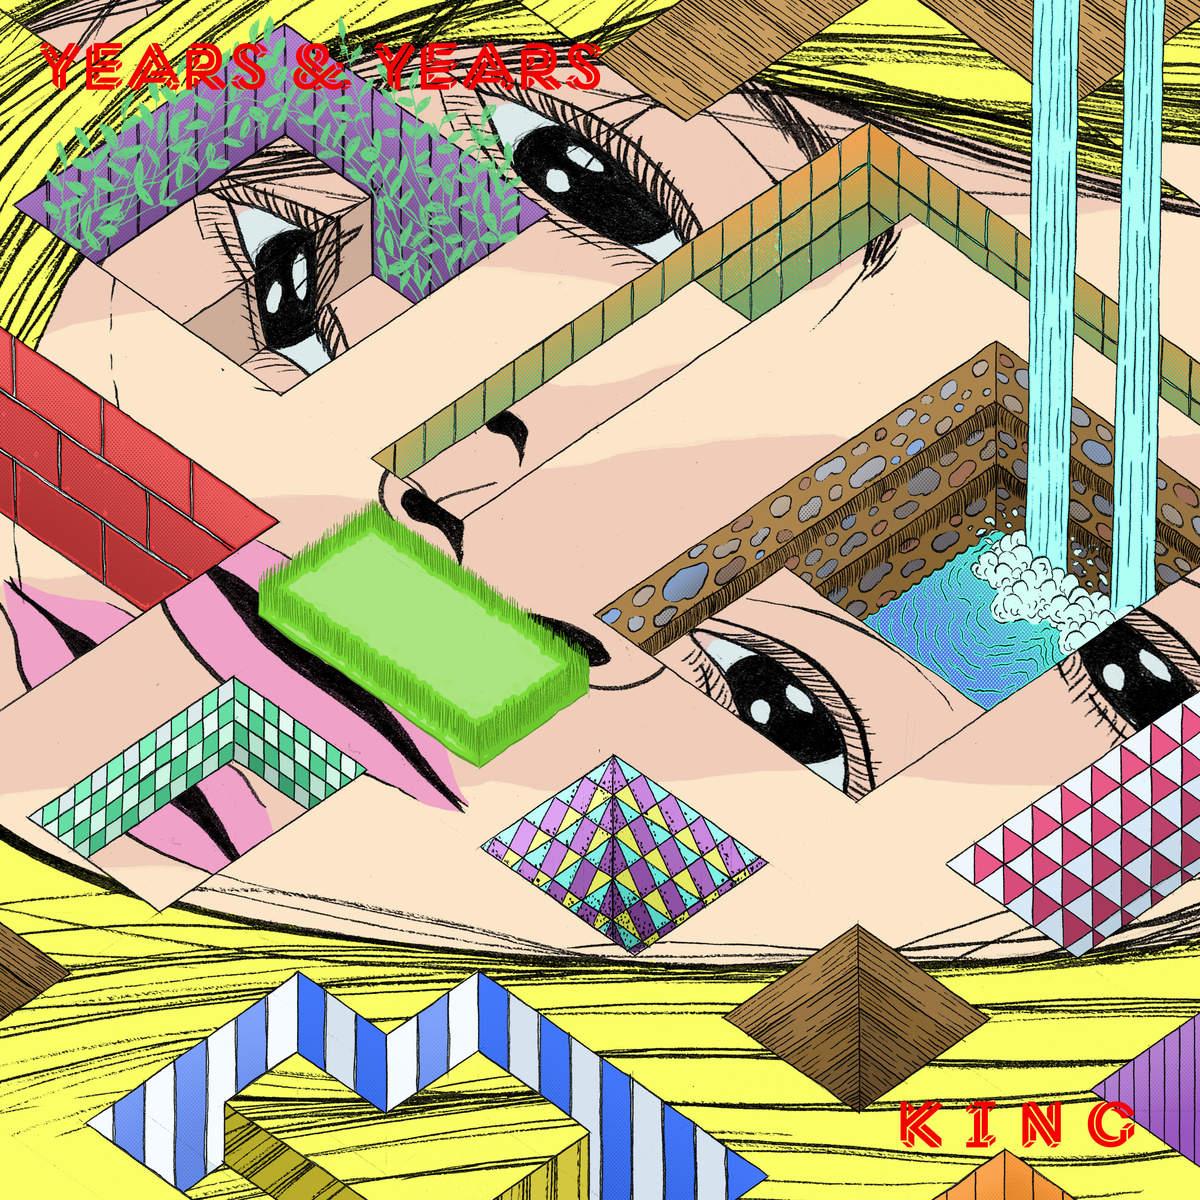 Years years king 2015 1200x1200